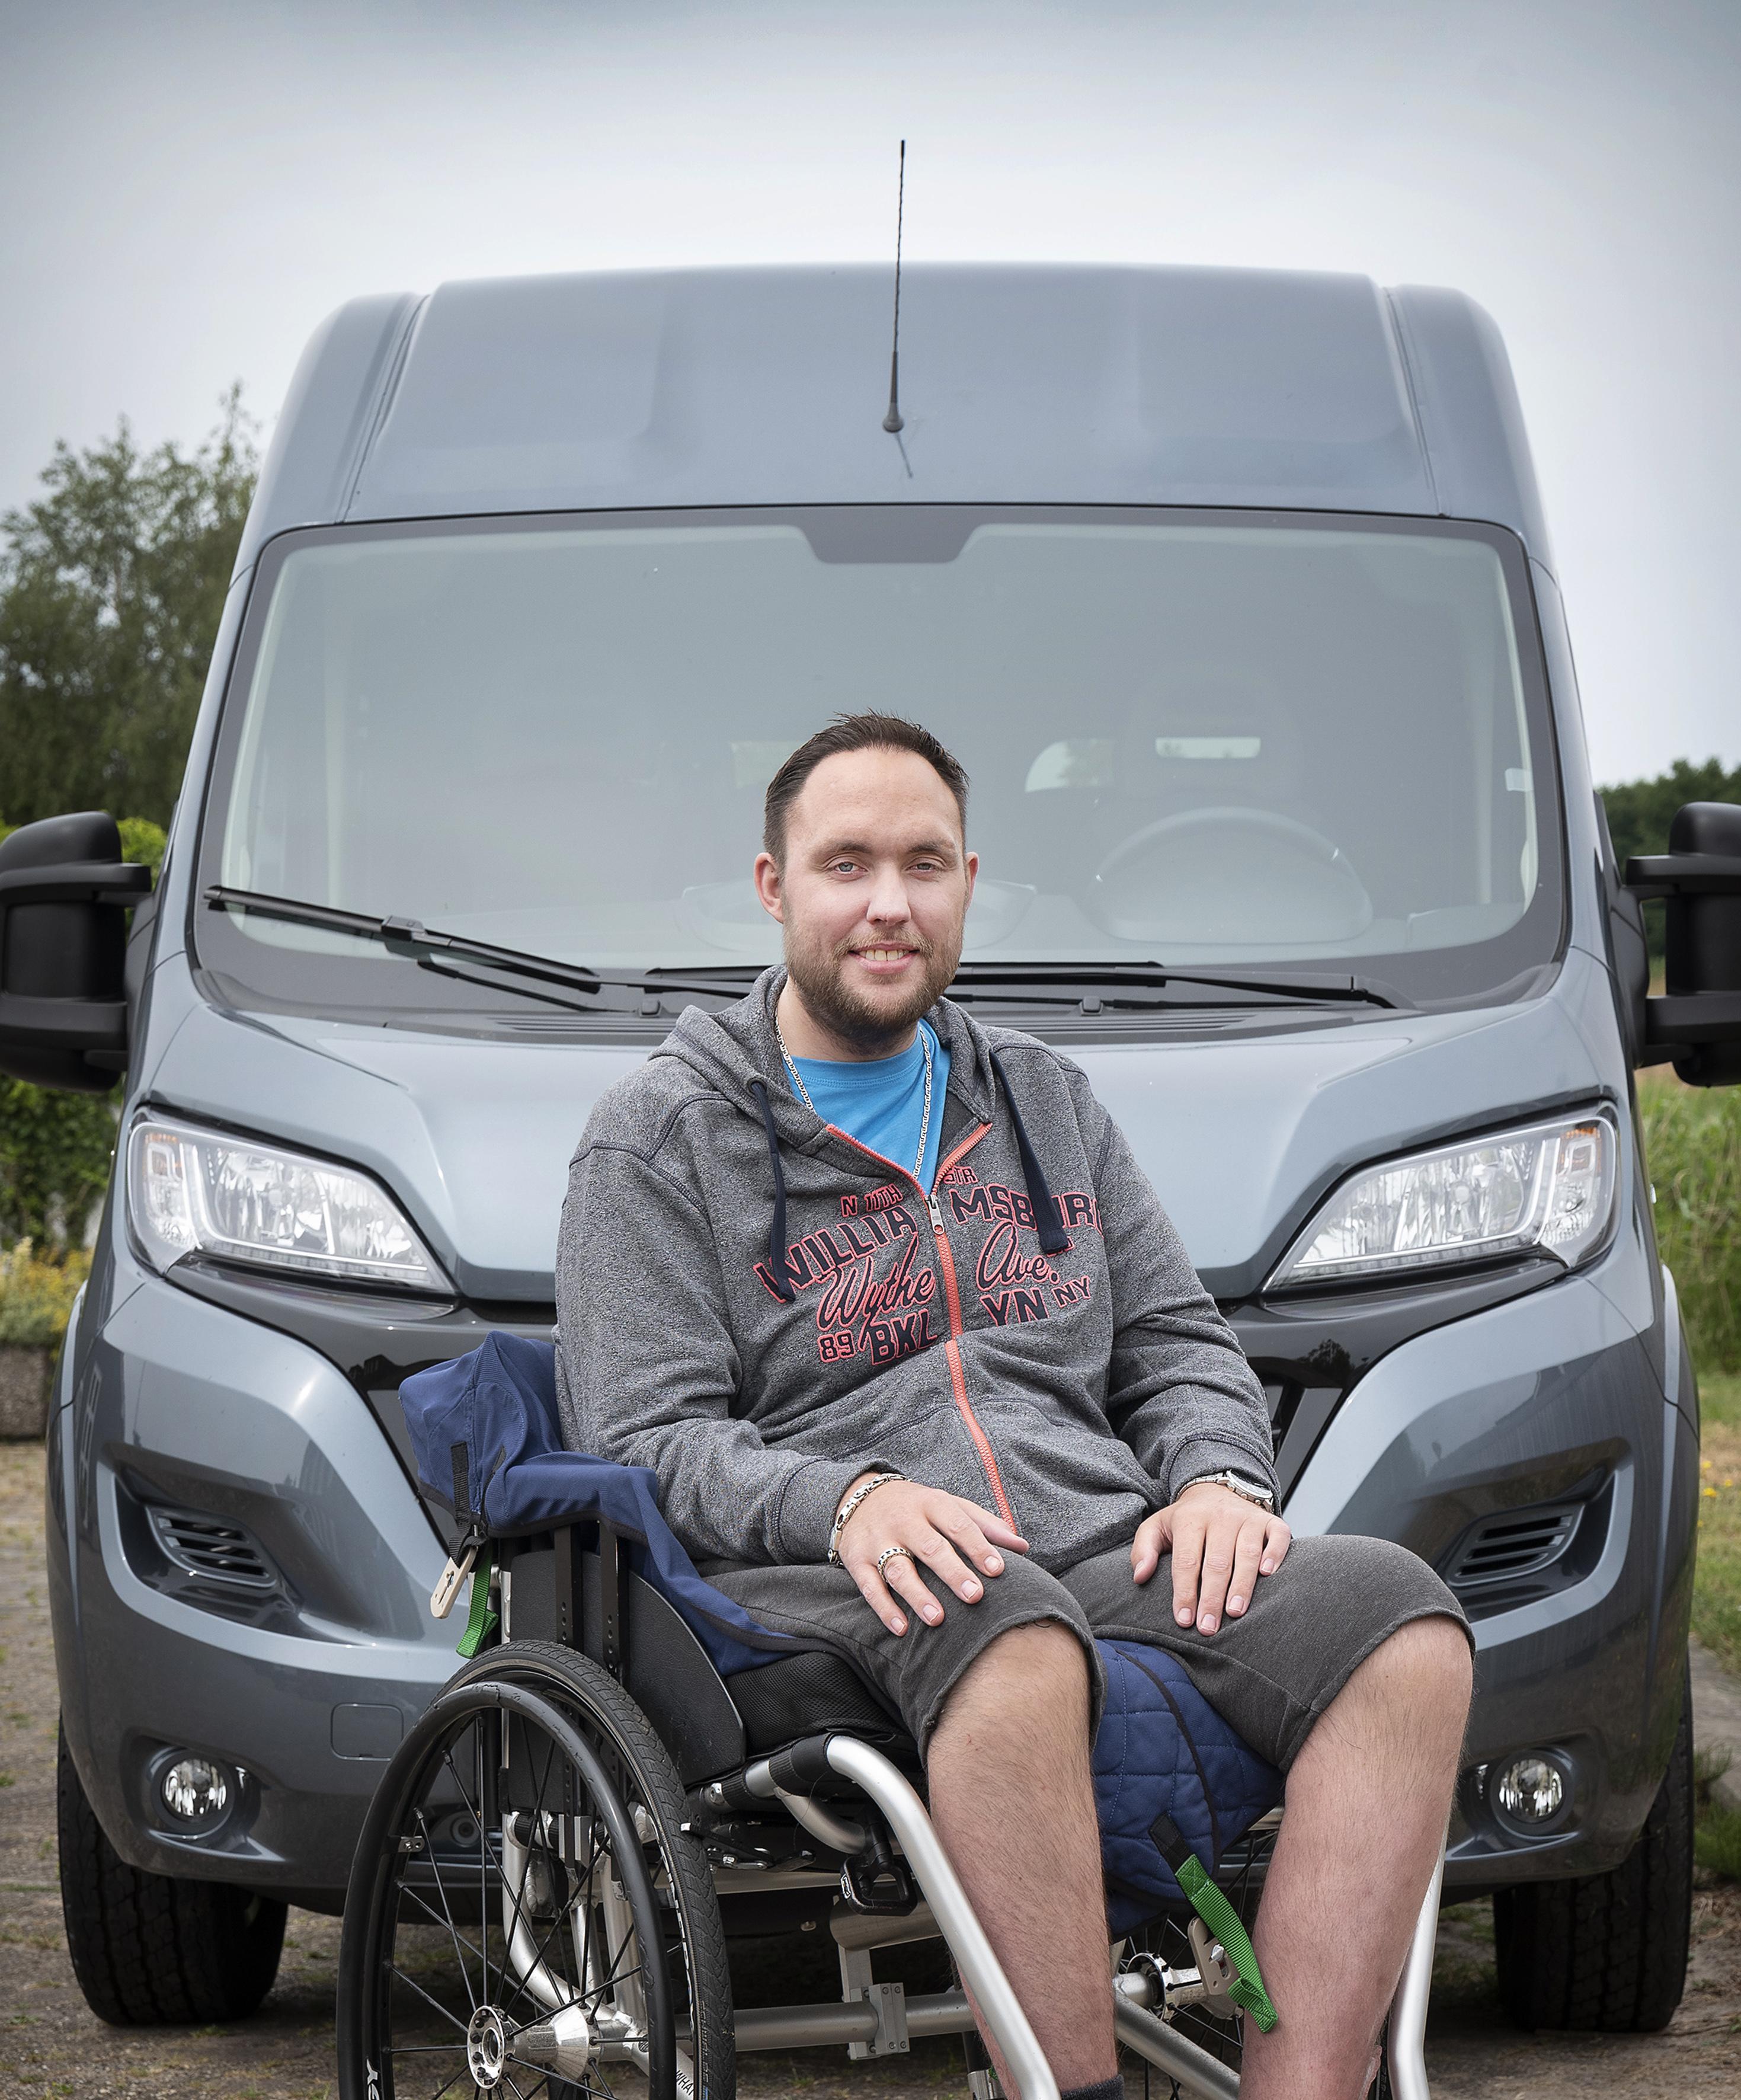 Dankzij vele hulptroepen en honderden gulle gevers heeft Ricardo de Wit uit Cruquius z'n rolstoelbusje